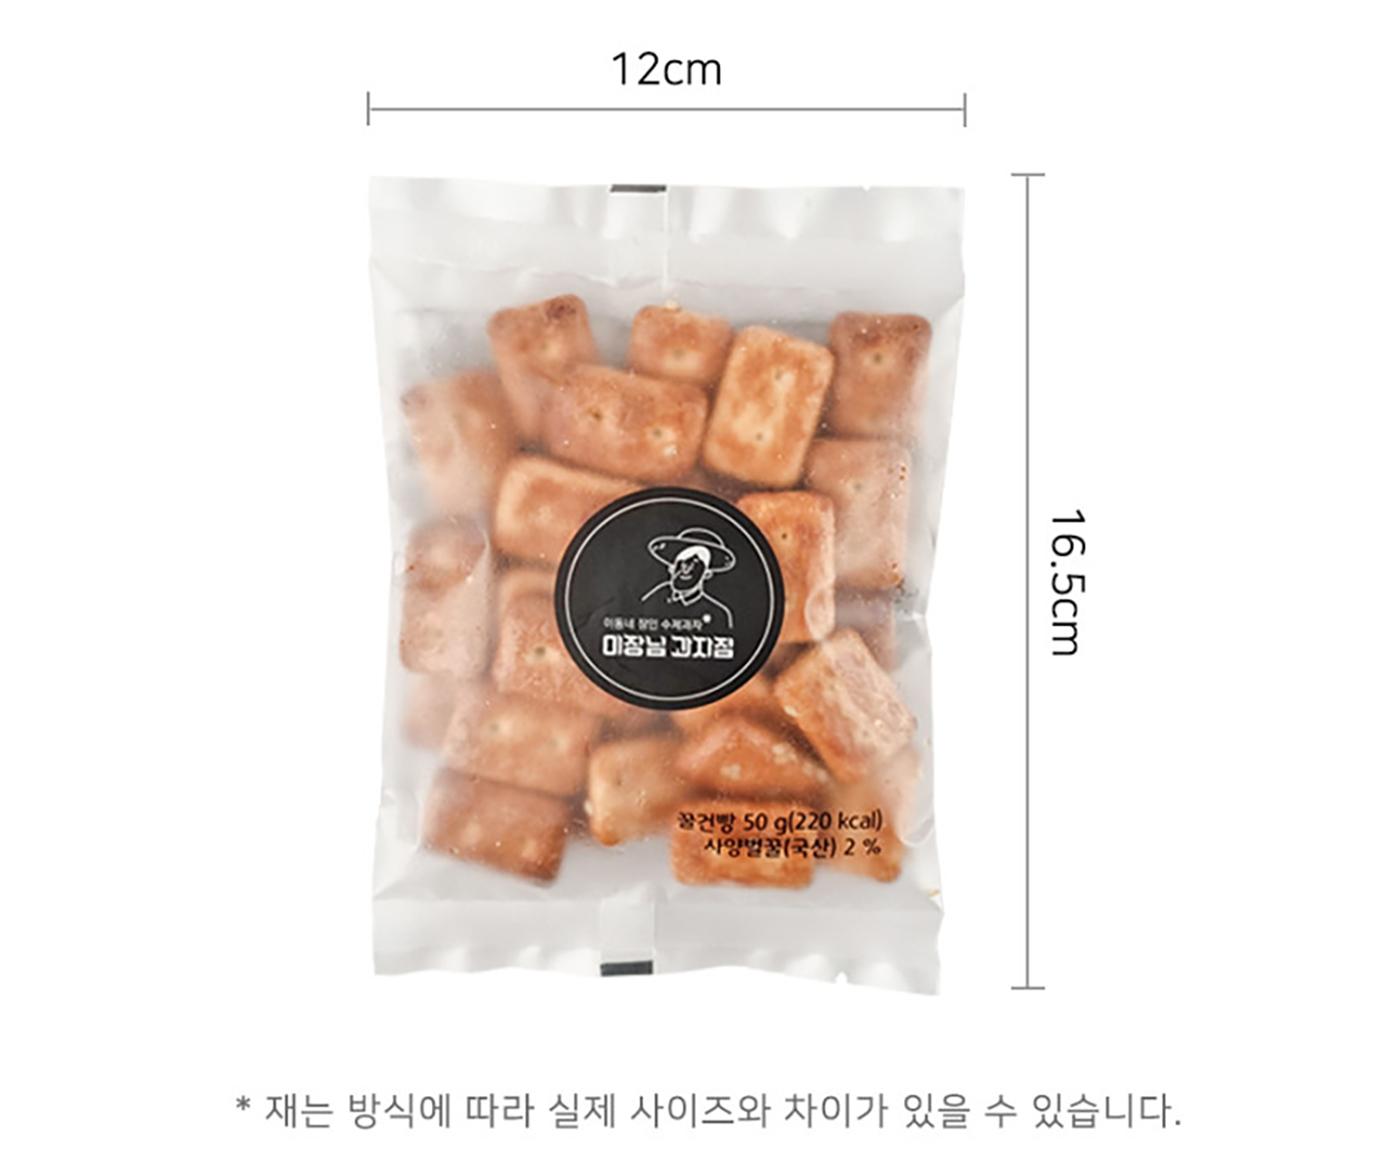 웰빙 꿀 건빵(1봉/10봉) 상세이미지7